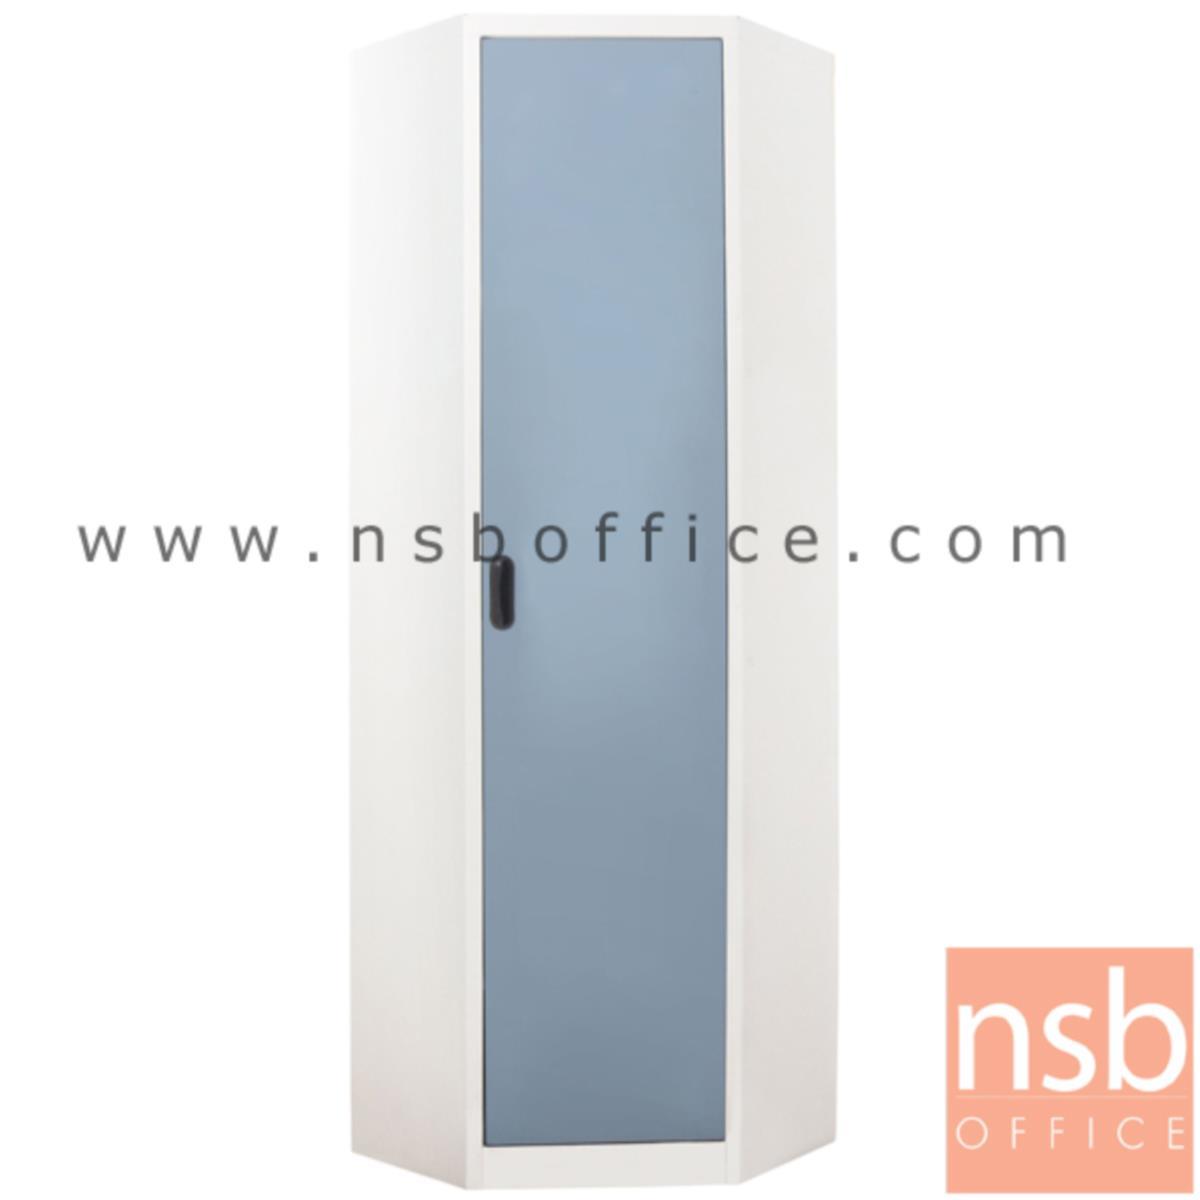 ตู้อเนกประสงค์สูงเข้ามุม สูง 200 ซม. บานทึบ รุ่น MAX-061